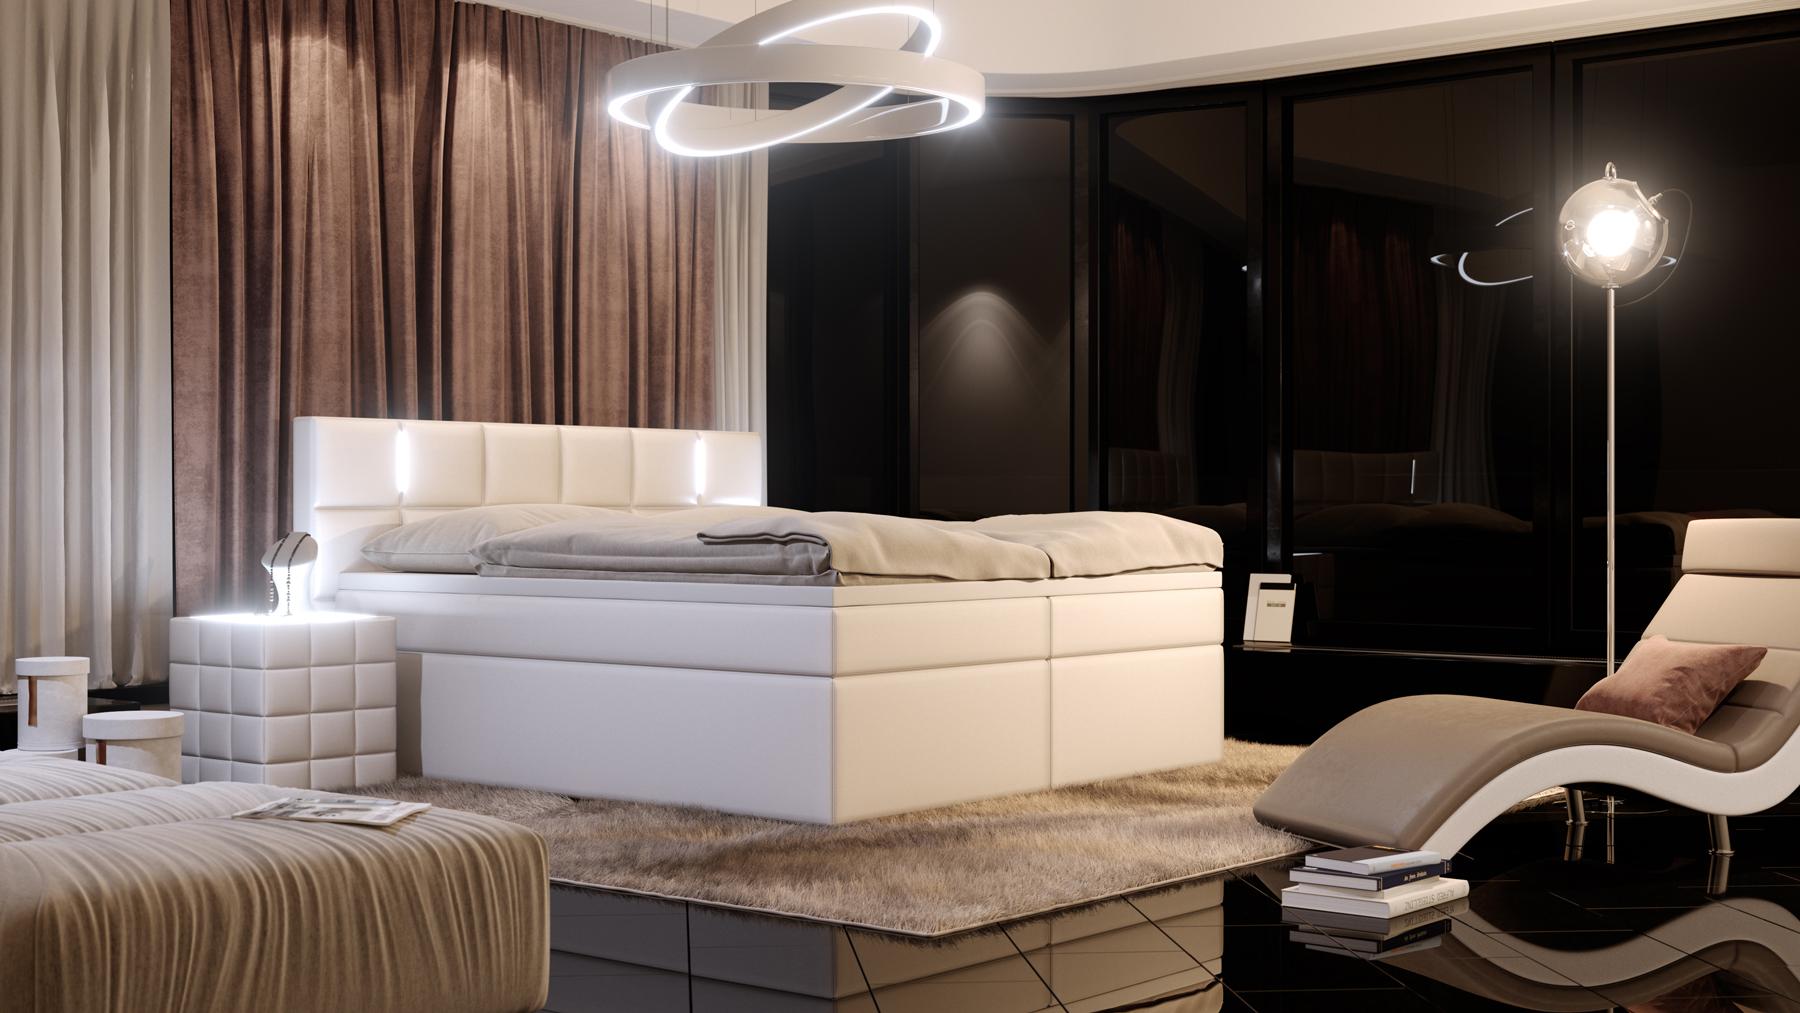 Boxspringbett weiß 200x200  SAM® Boxspringbett mit LED Hotelbett 200 x 200 cm weiß Salerno ...